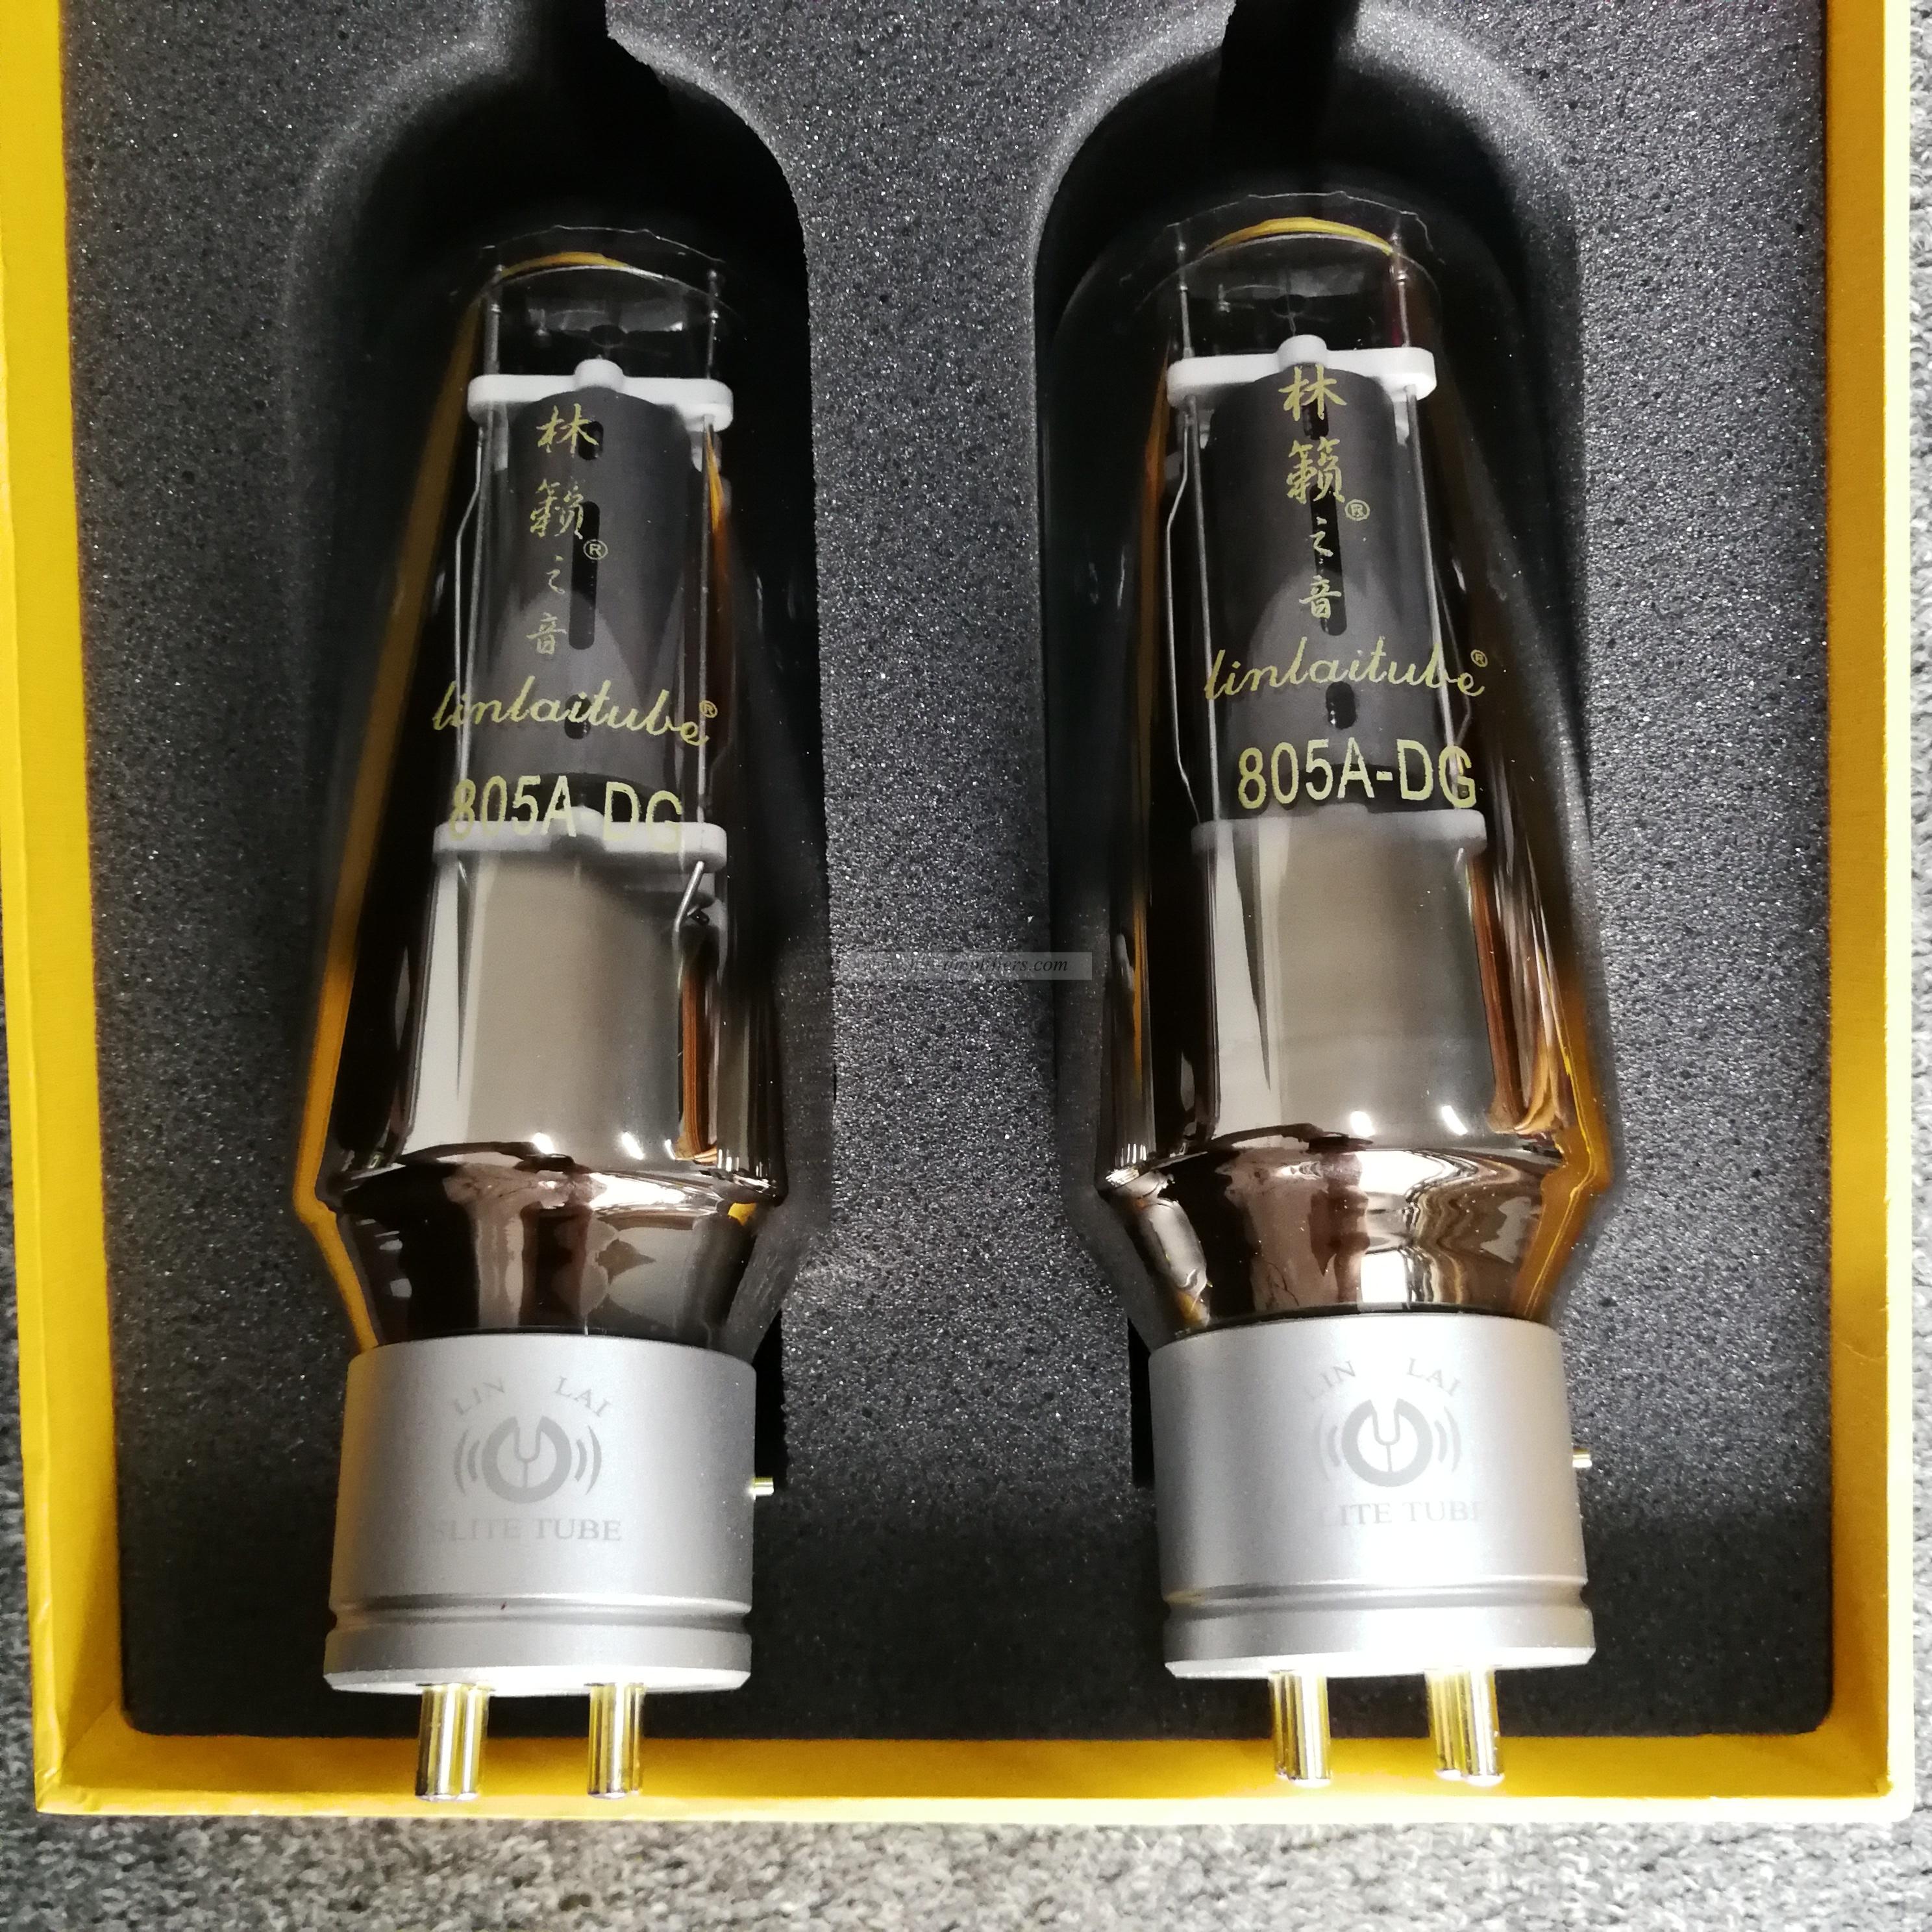 LINLAITUBE DG Series 805A-DG Hi-end Vacuum Tube Electronic valve Matched Pair